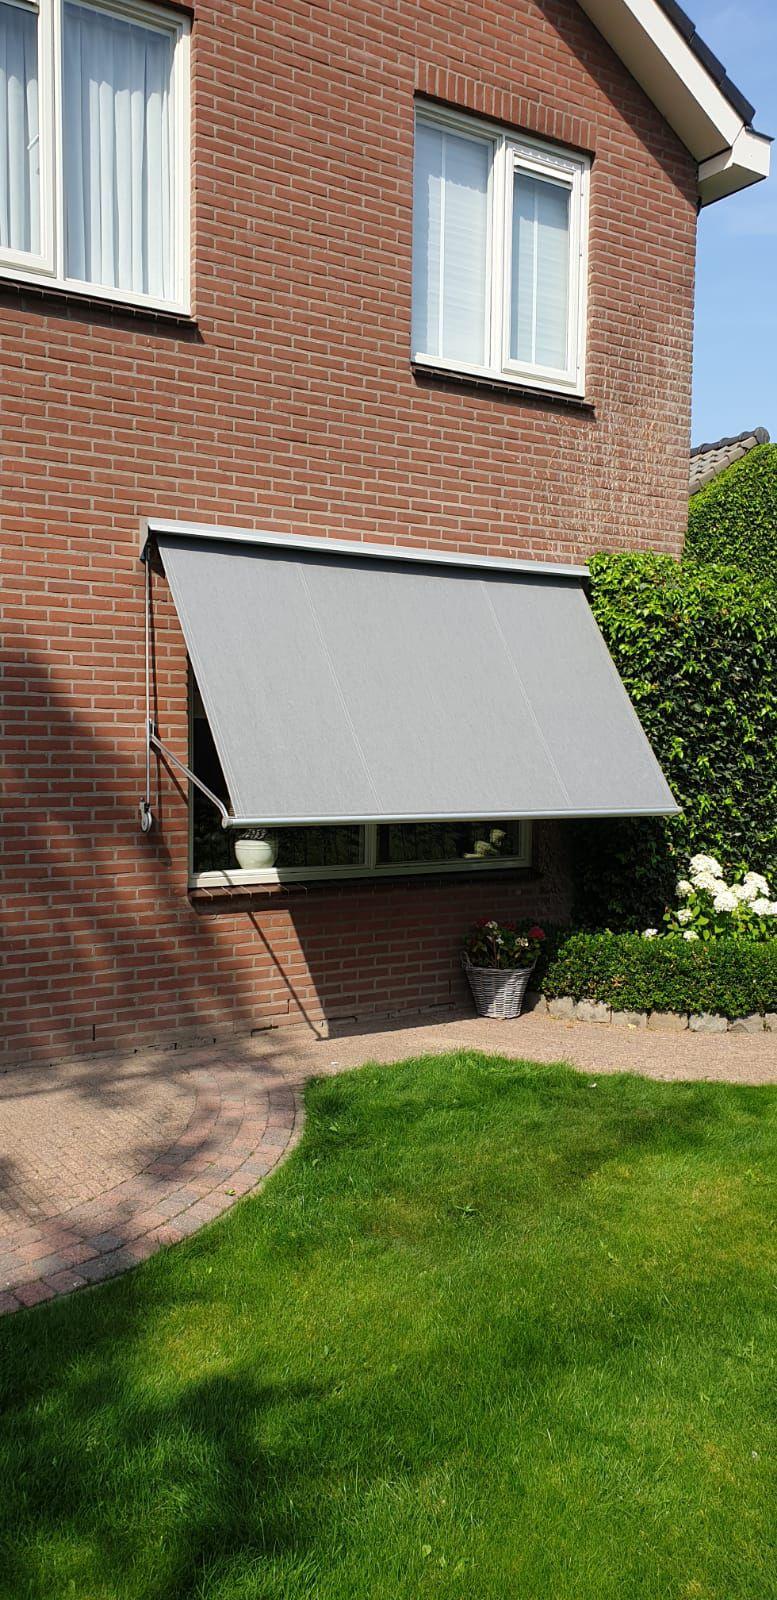 Op maat gemaakte zonnescherm   J. Meijering Montage uit Opheusden!